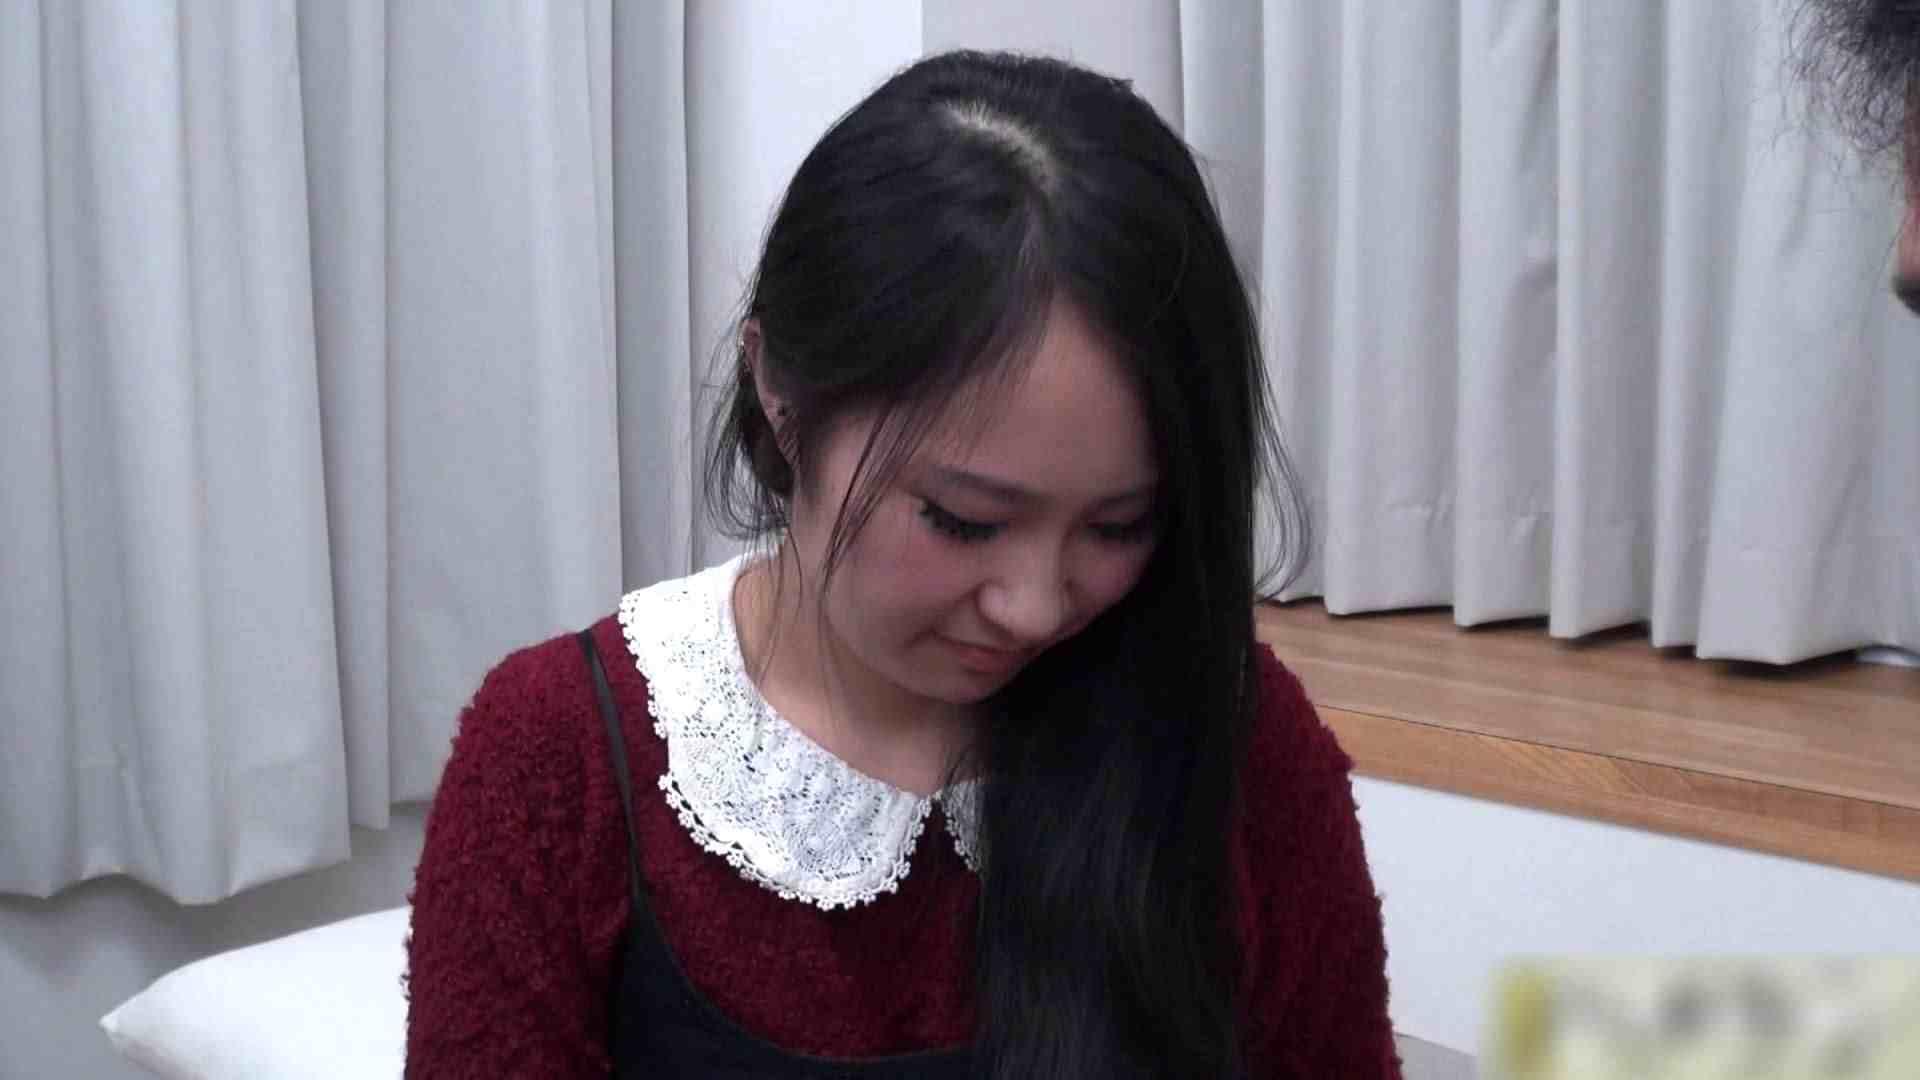 変態ギャル姫のH Vol.12 前編 ギャルの実態  89pic 4